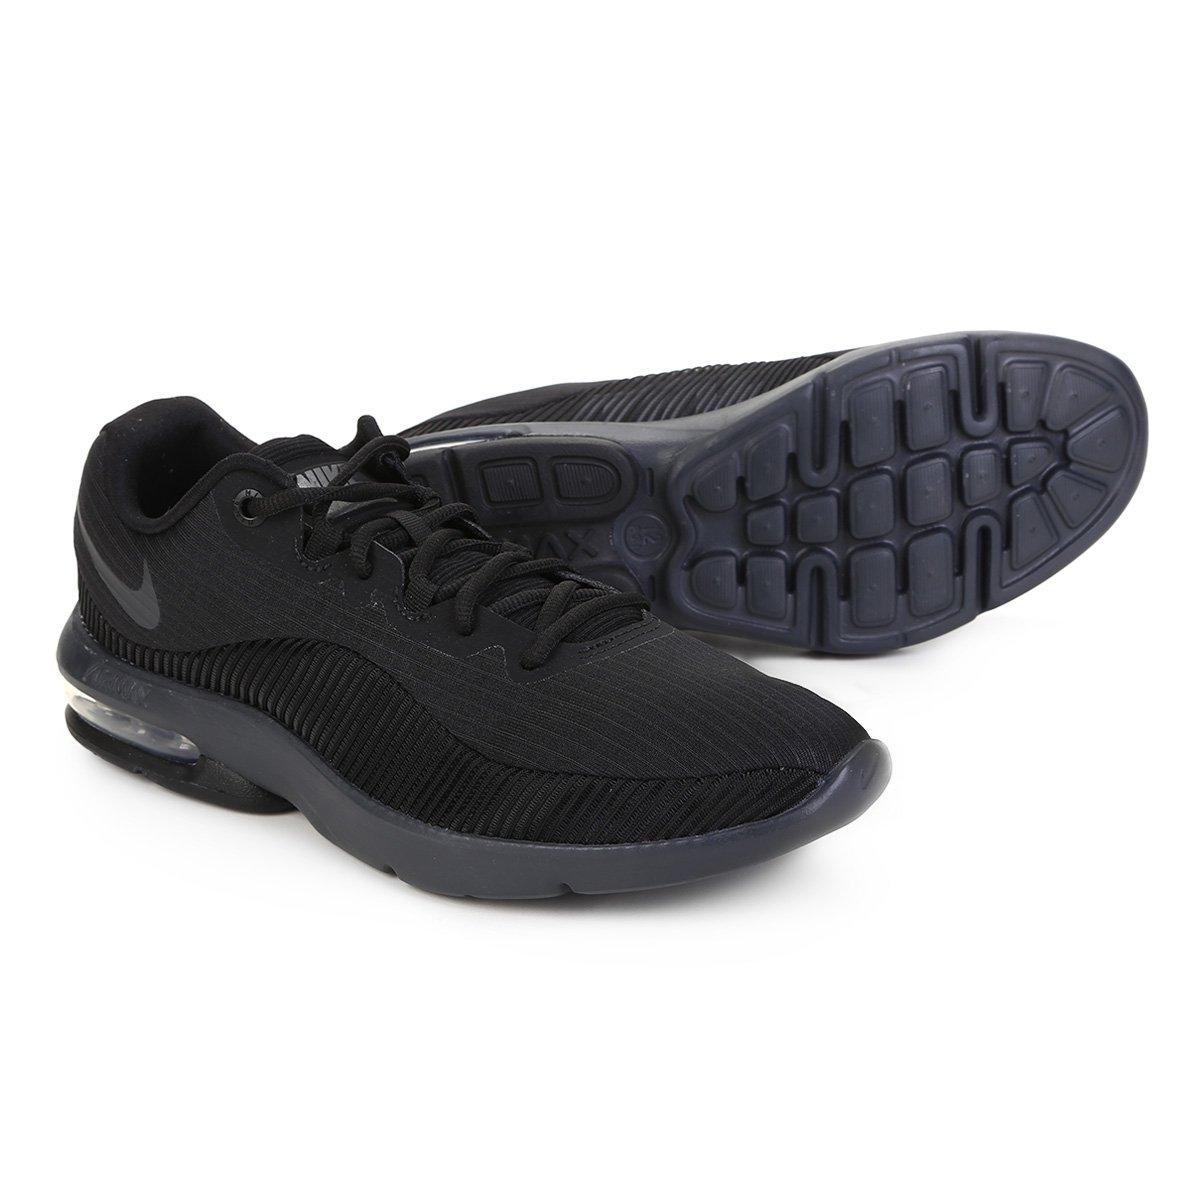 643e817fce5 Tênis Nike Air Max Advantage 2 Masculino - Preto - Compre Agora ...